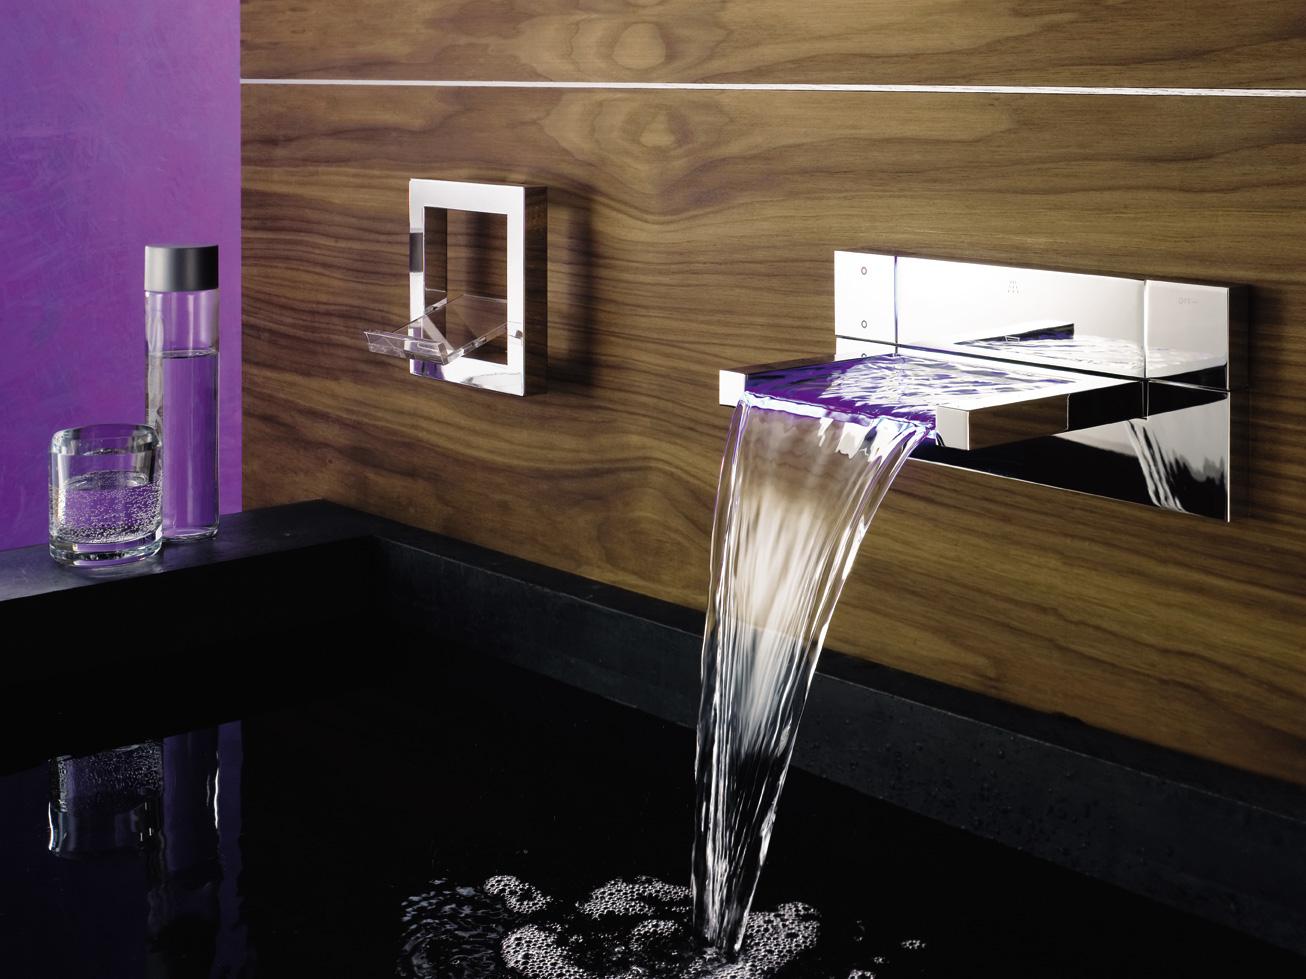 ihr badezimmer badewannen duschen waschbecken toiletten und vieles mehr planung. Black Bedroom Furniture Sets. Home Design Ideas